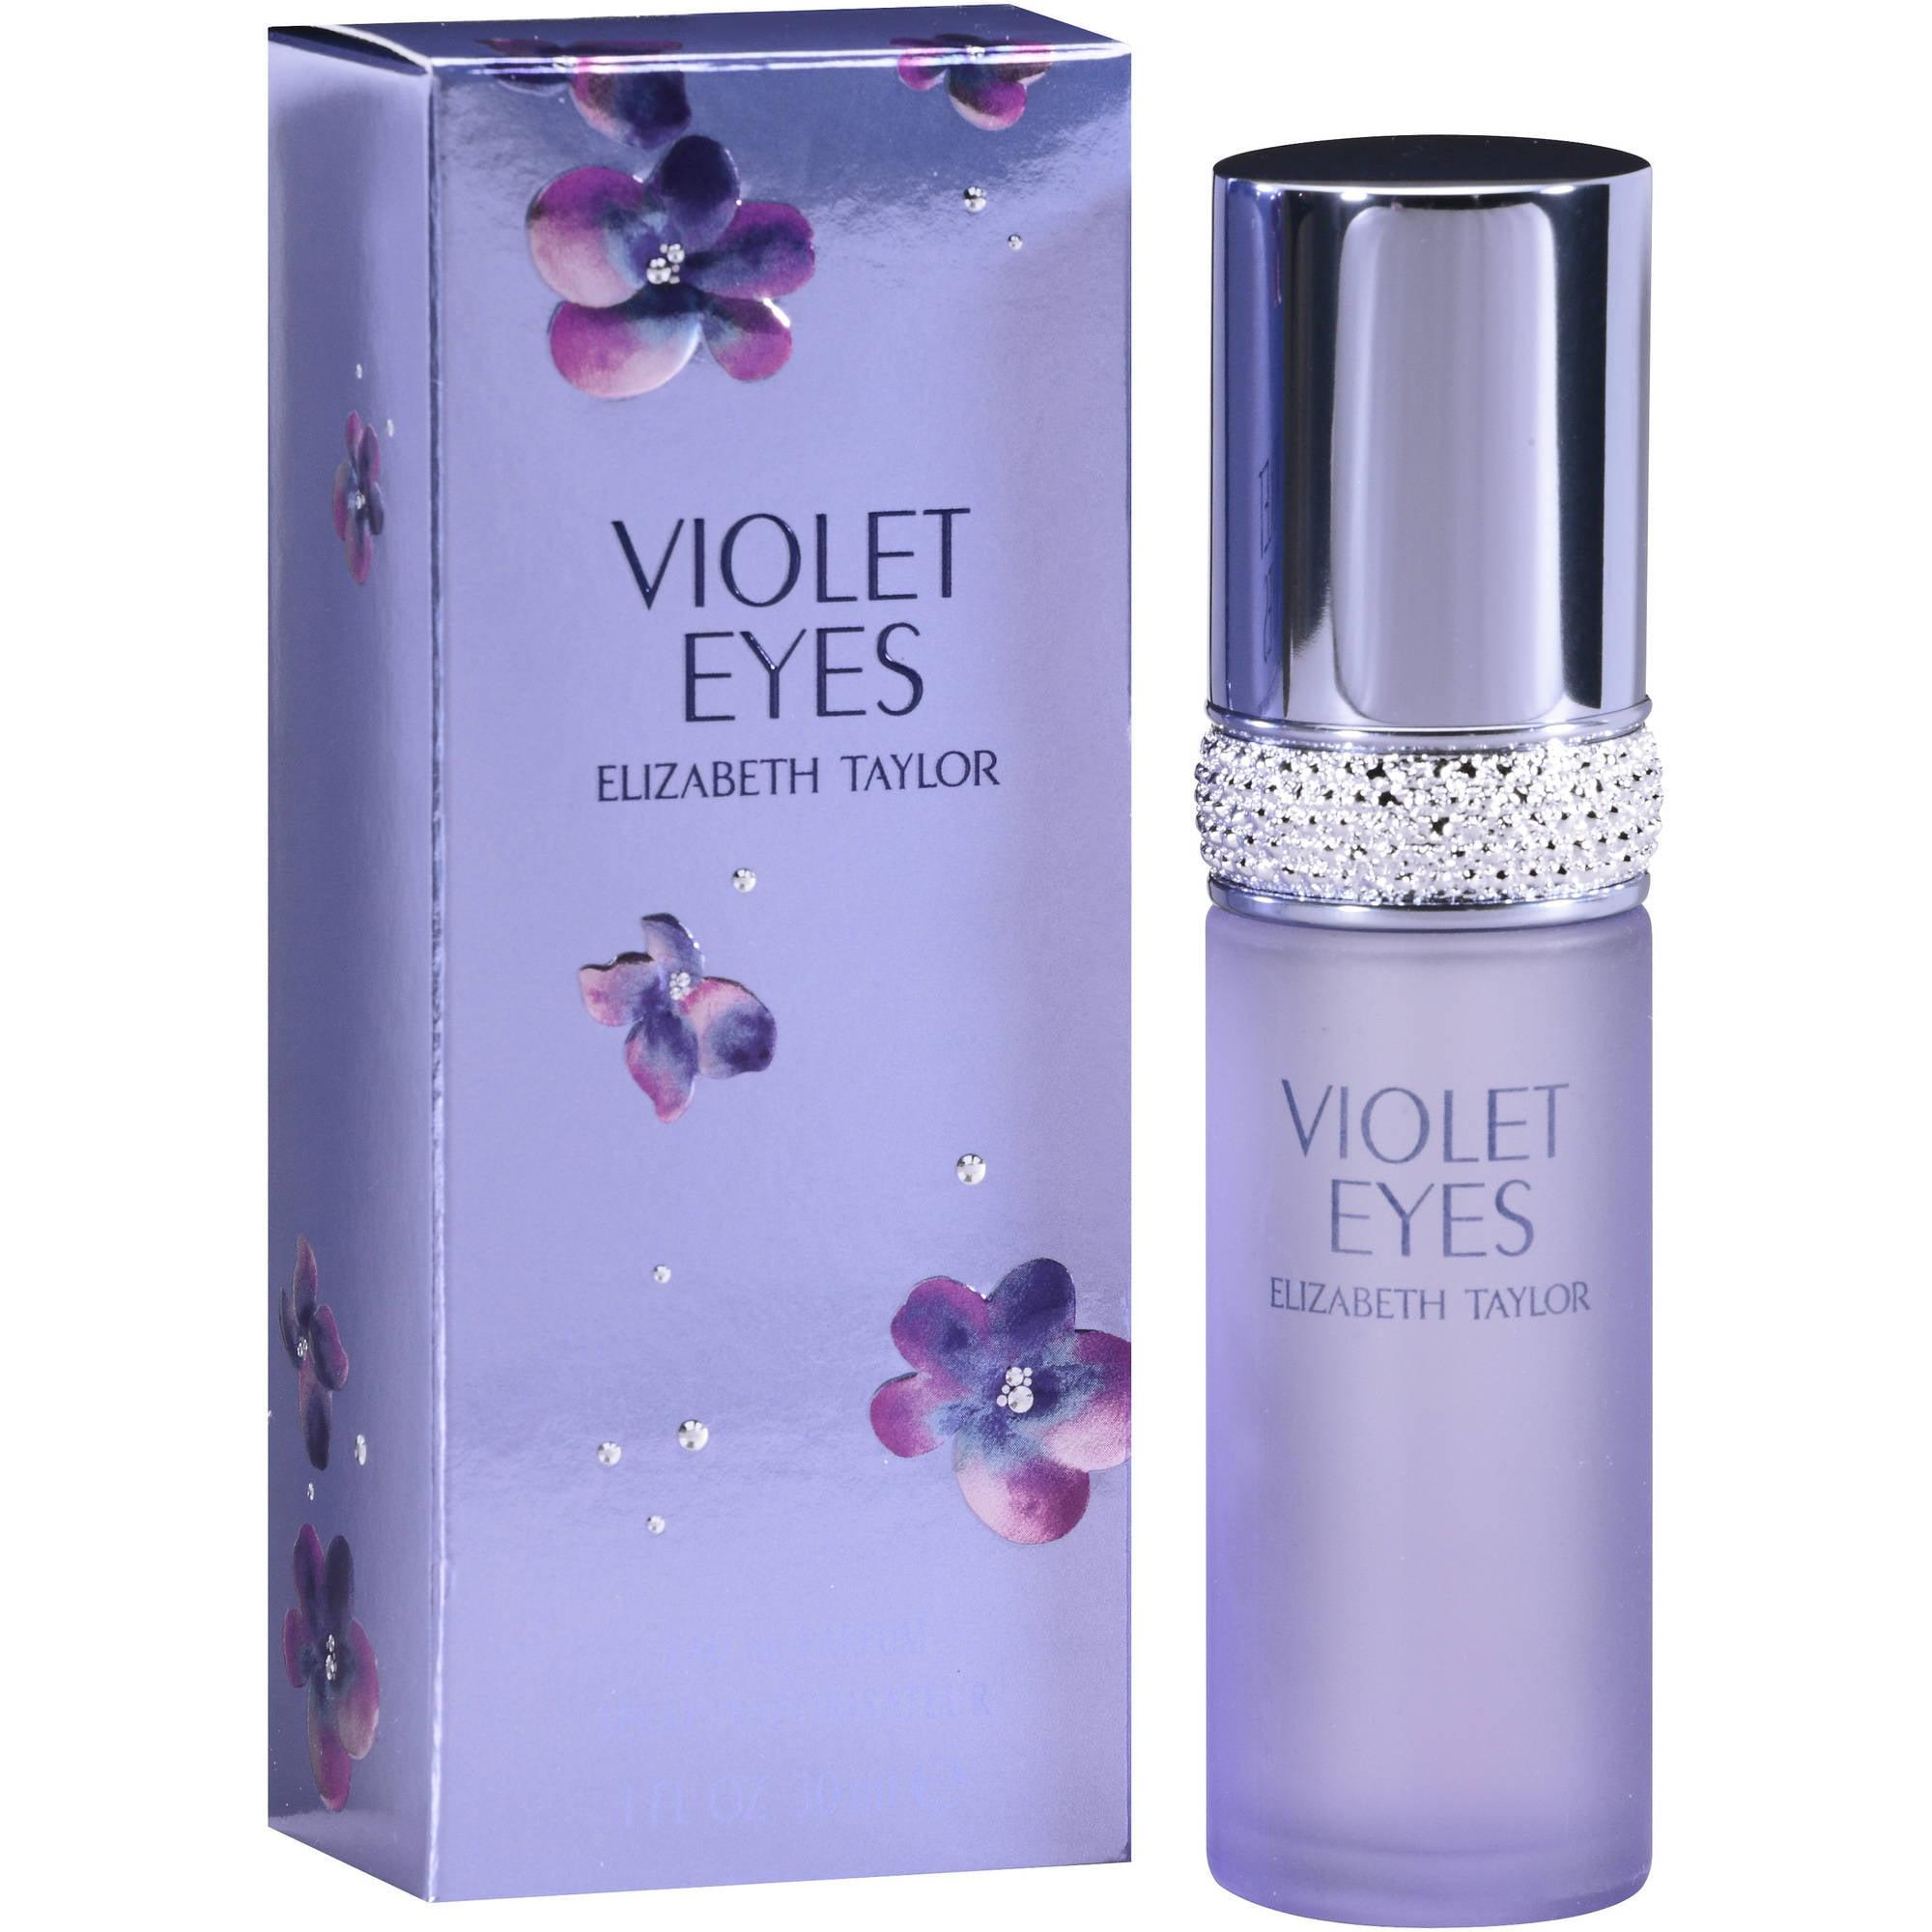 Elizabeth Taylor Violet Eyes Eau de Parfum Spray, 1 fl oz